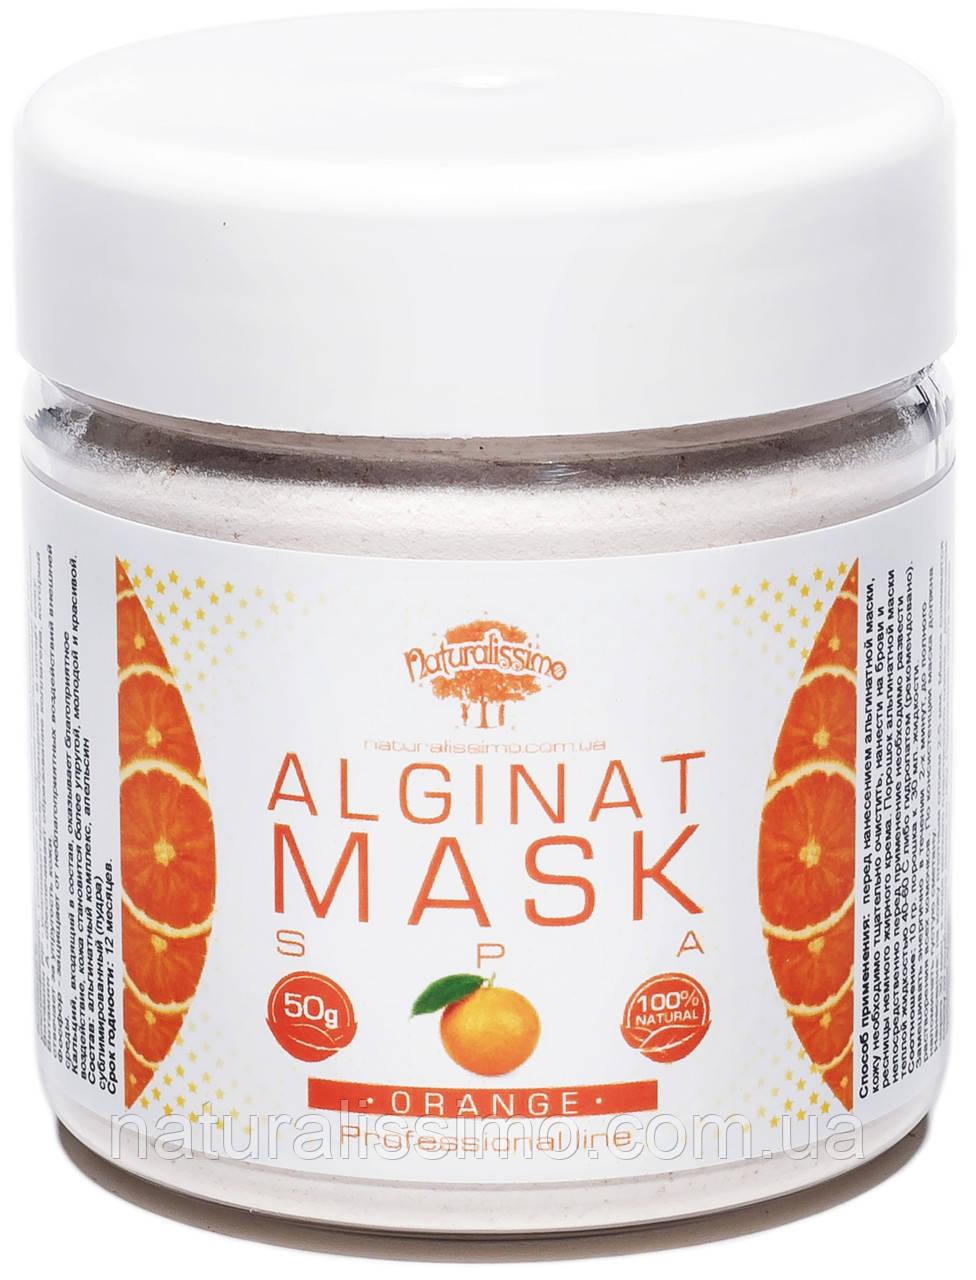 Альгинатная маска с апельсином, 50 г - Naturalissimo в Запорожье